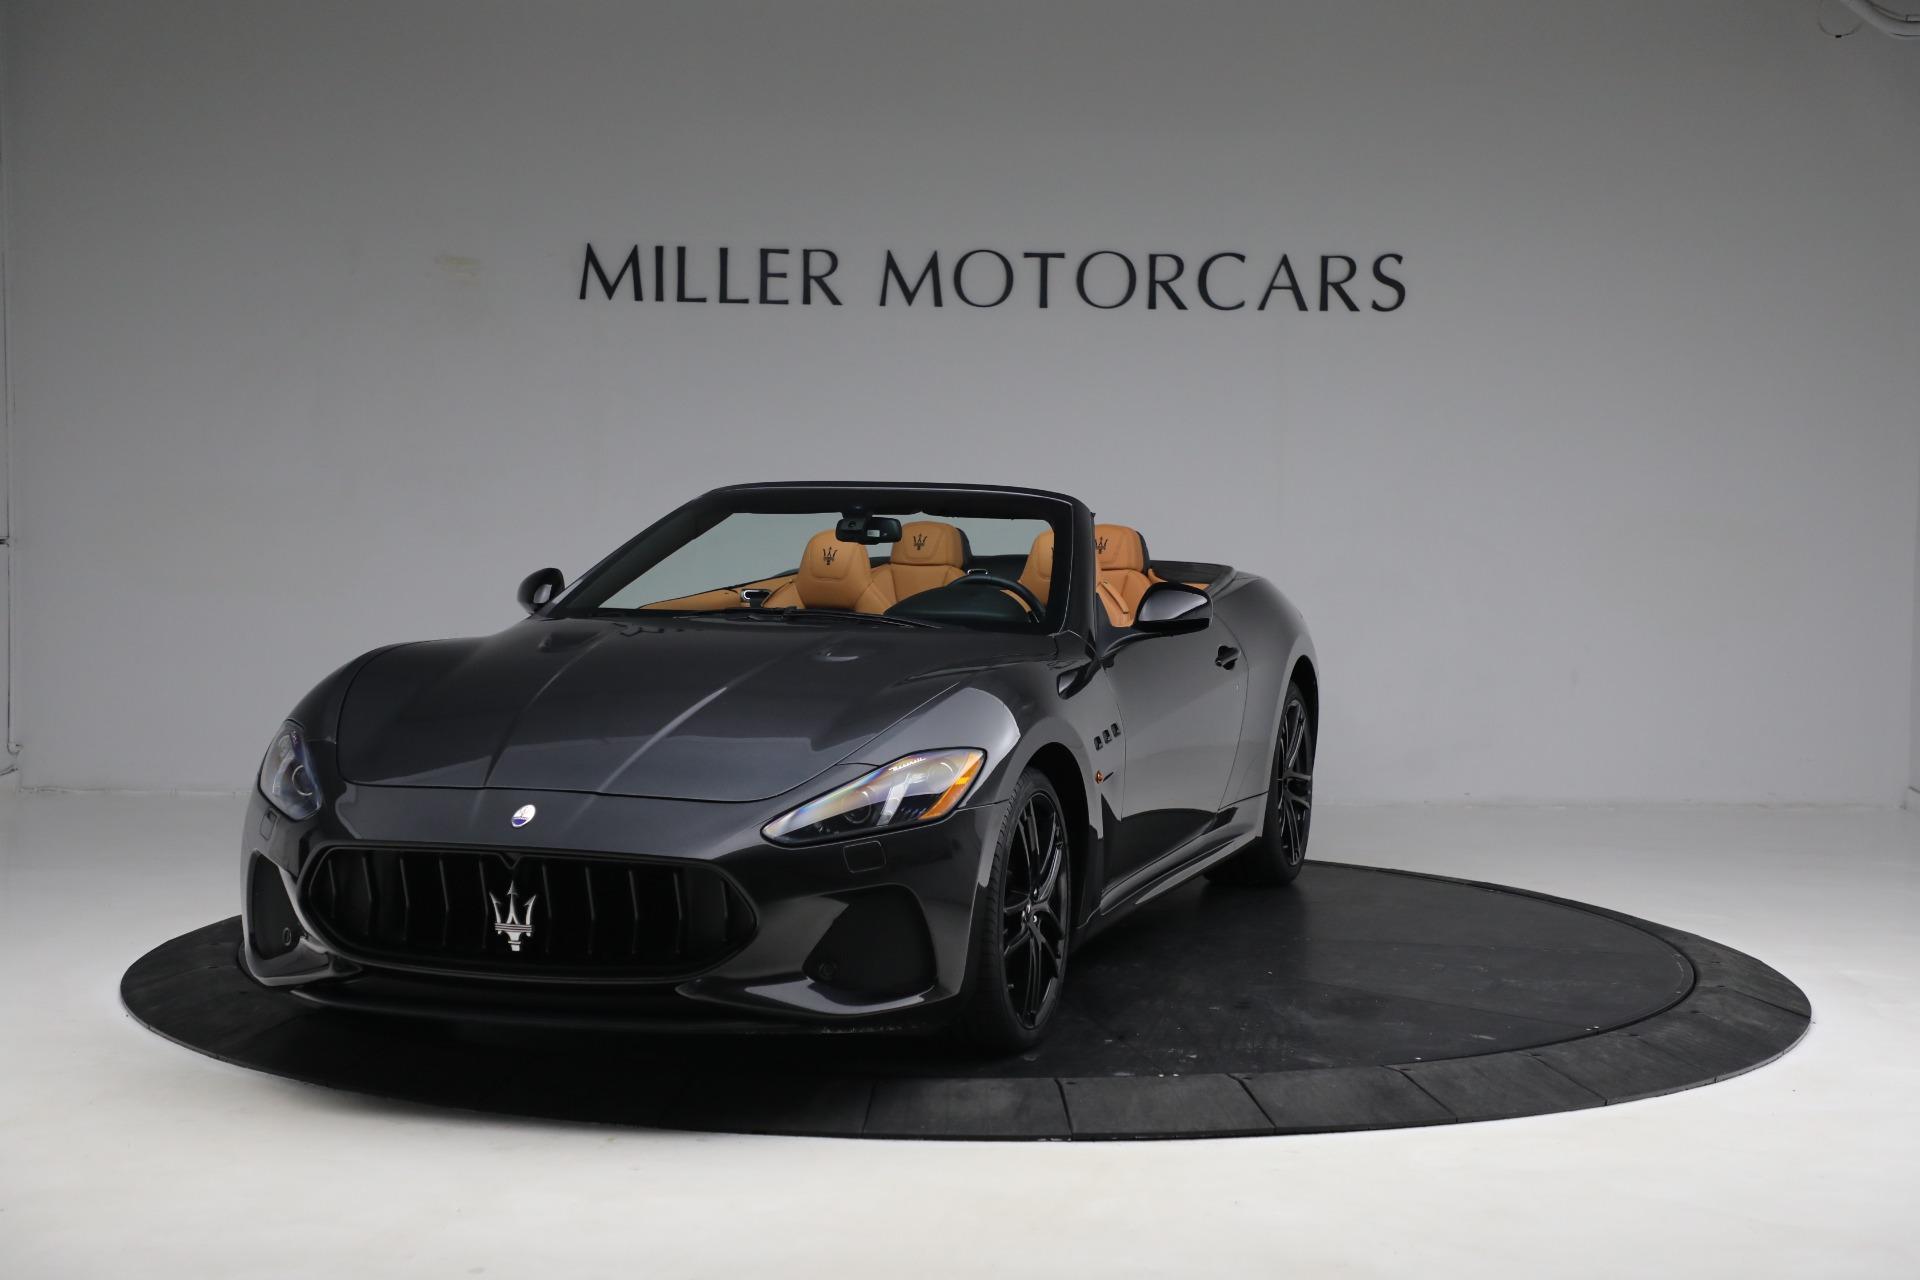 New 2019 Maserati GranTurismo MC Convertible for sale Sold at Maserati of Westport in Westport CT 06880 1